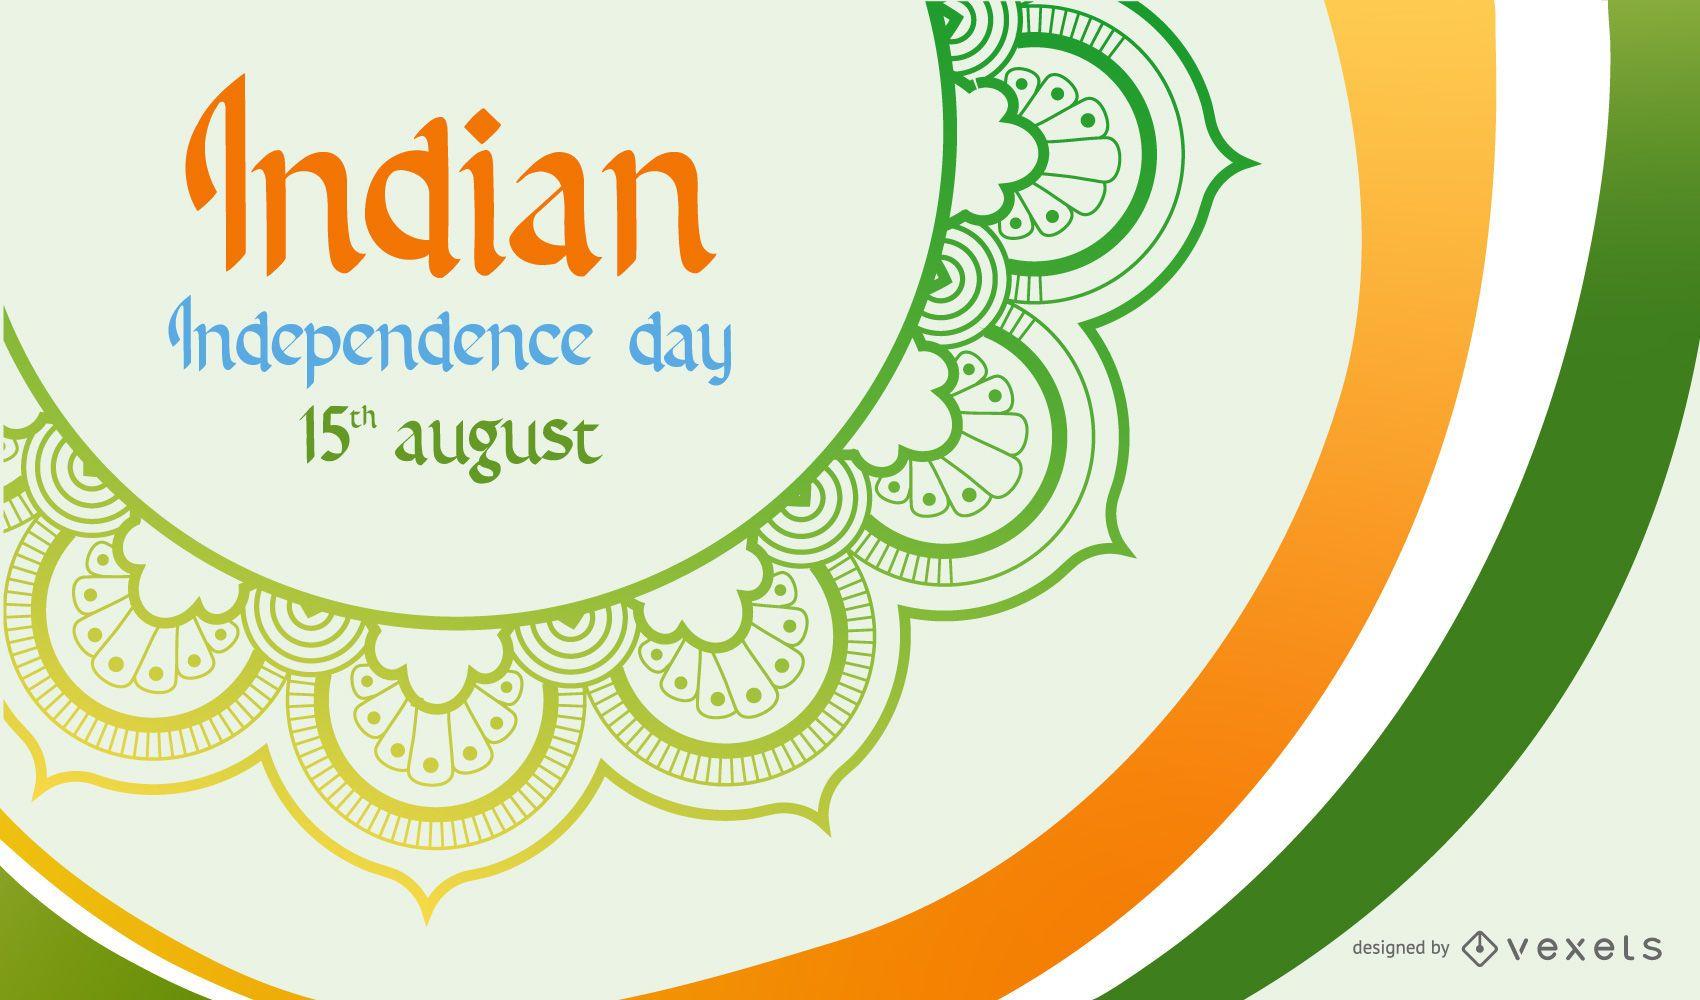 Curvas tricolores do Dia dos Independentes pintando uma bandeira indiana